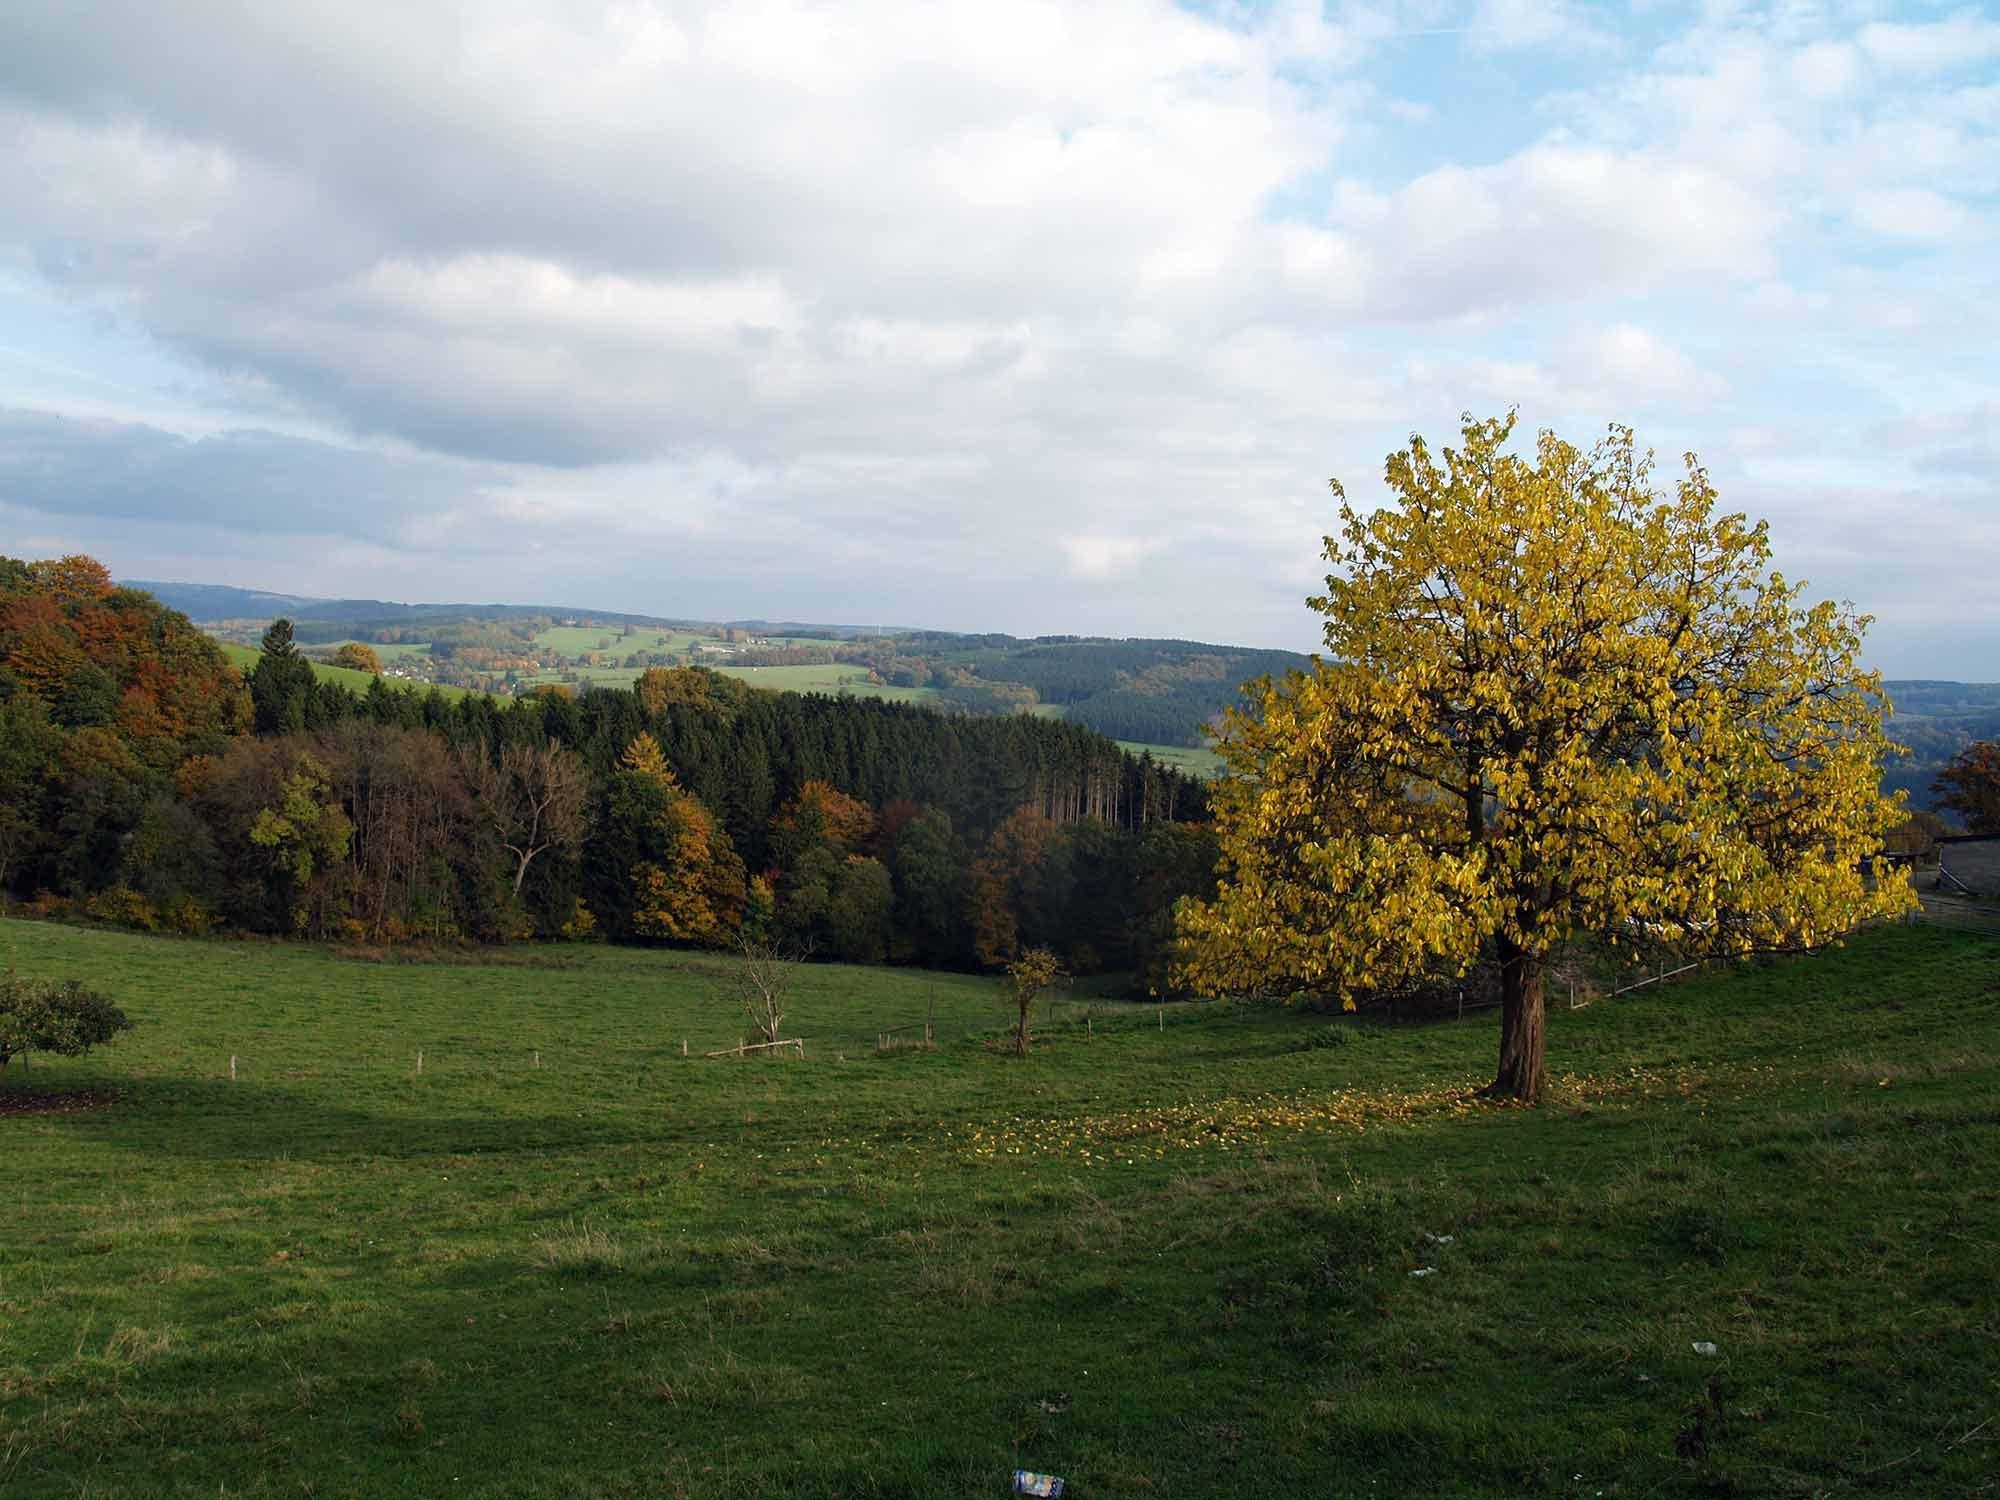 ardenne residences stavelot 4970 region landscapes nature